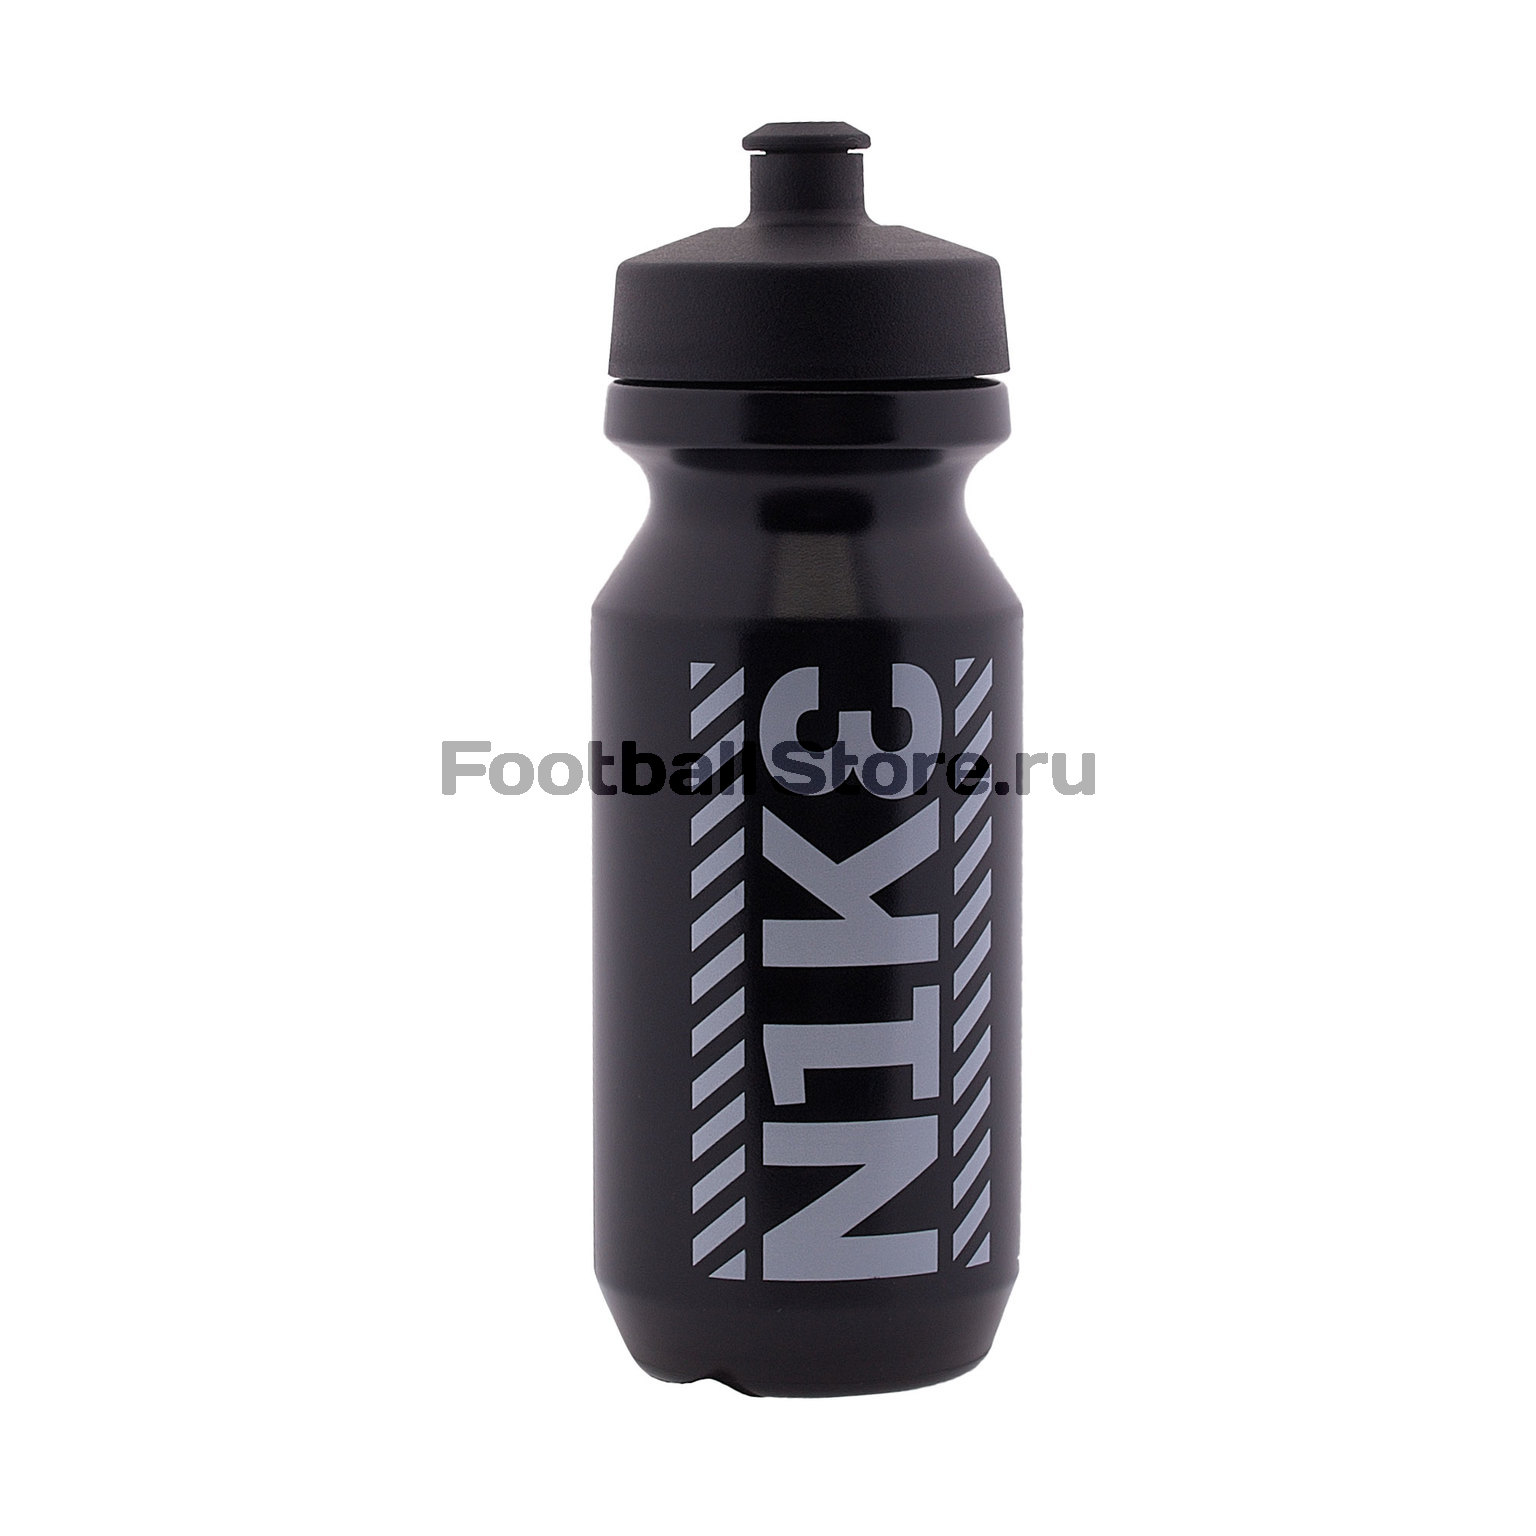 Бутылка для воды Nike Graphic N.000.0043.913.22